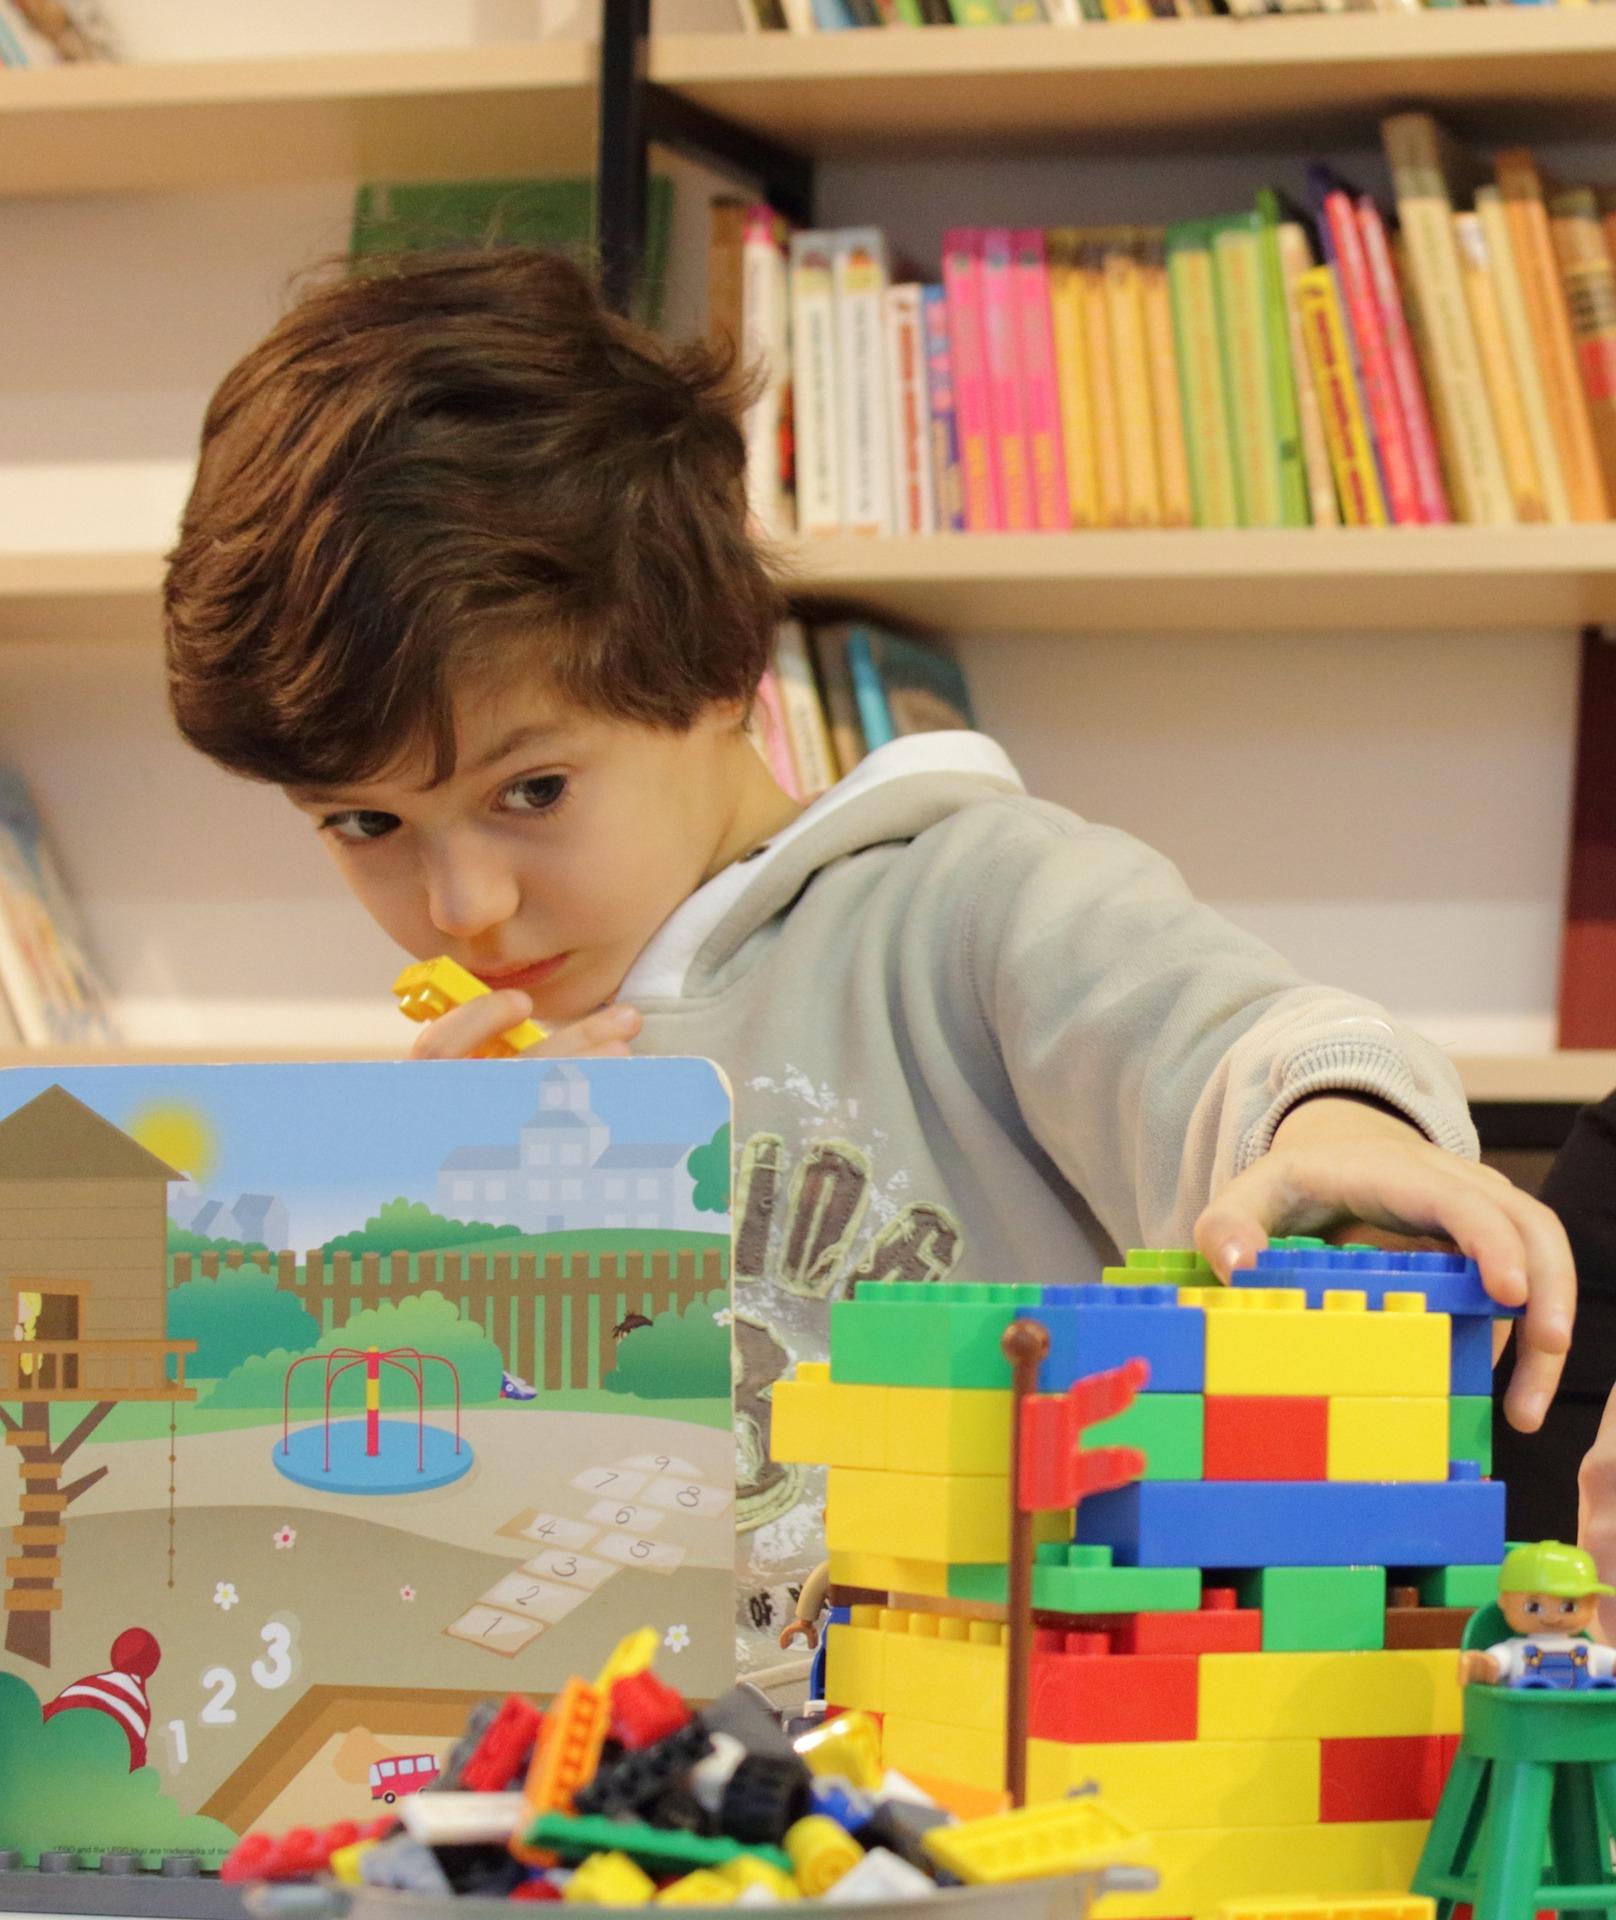 Pourquoi Le Temps Libre En Maternelle Est-Il Essentiel ? | L avec Jeux Educatif Maternelle Moyenne Section